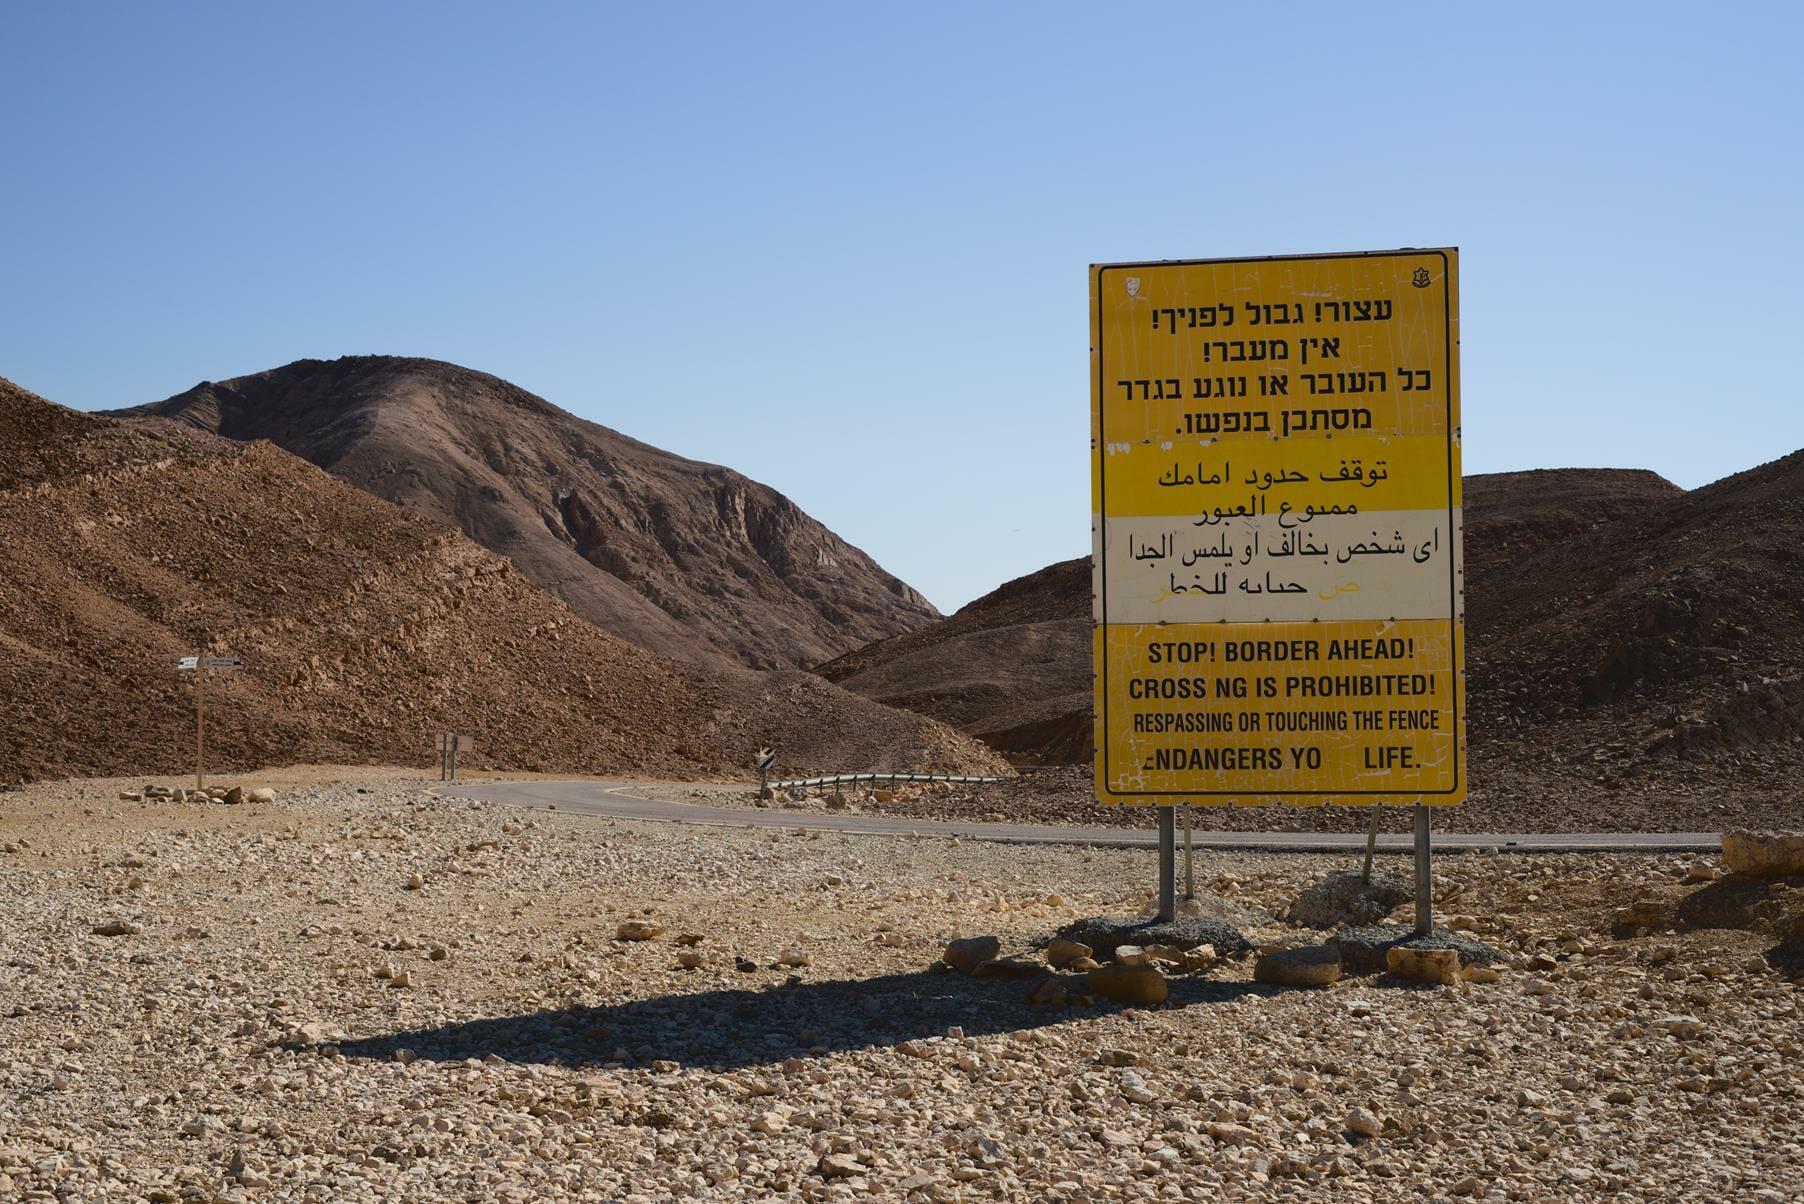 מצפור מצוקי גישרון, טרק על שביל ישראל בהרי אילת, צילום: יוסי אביטל